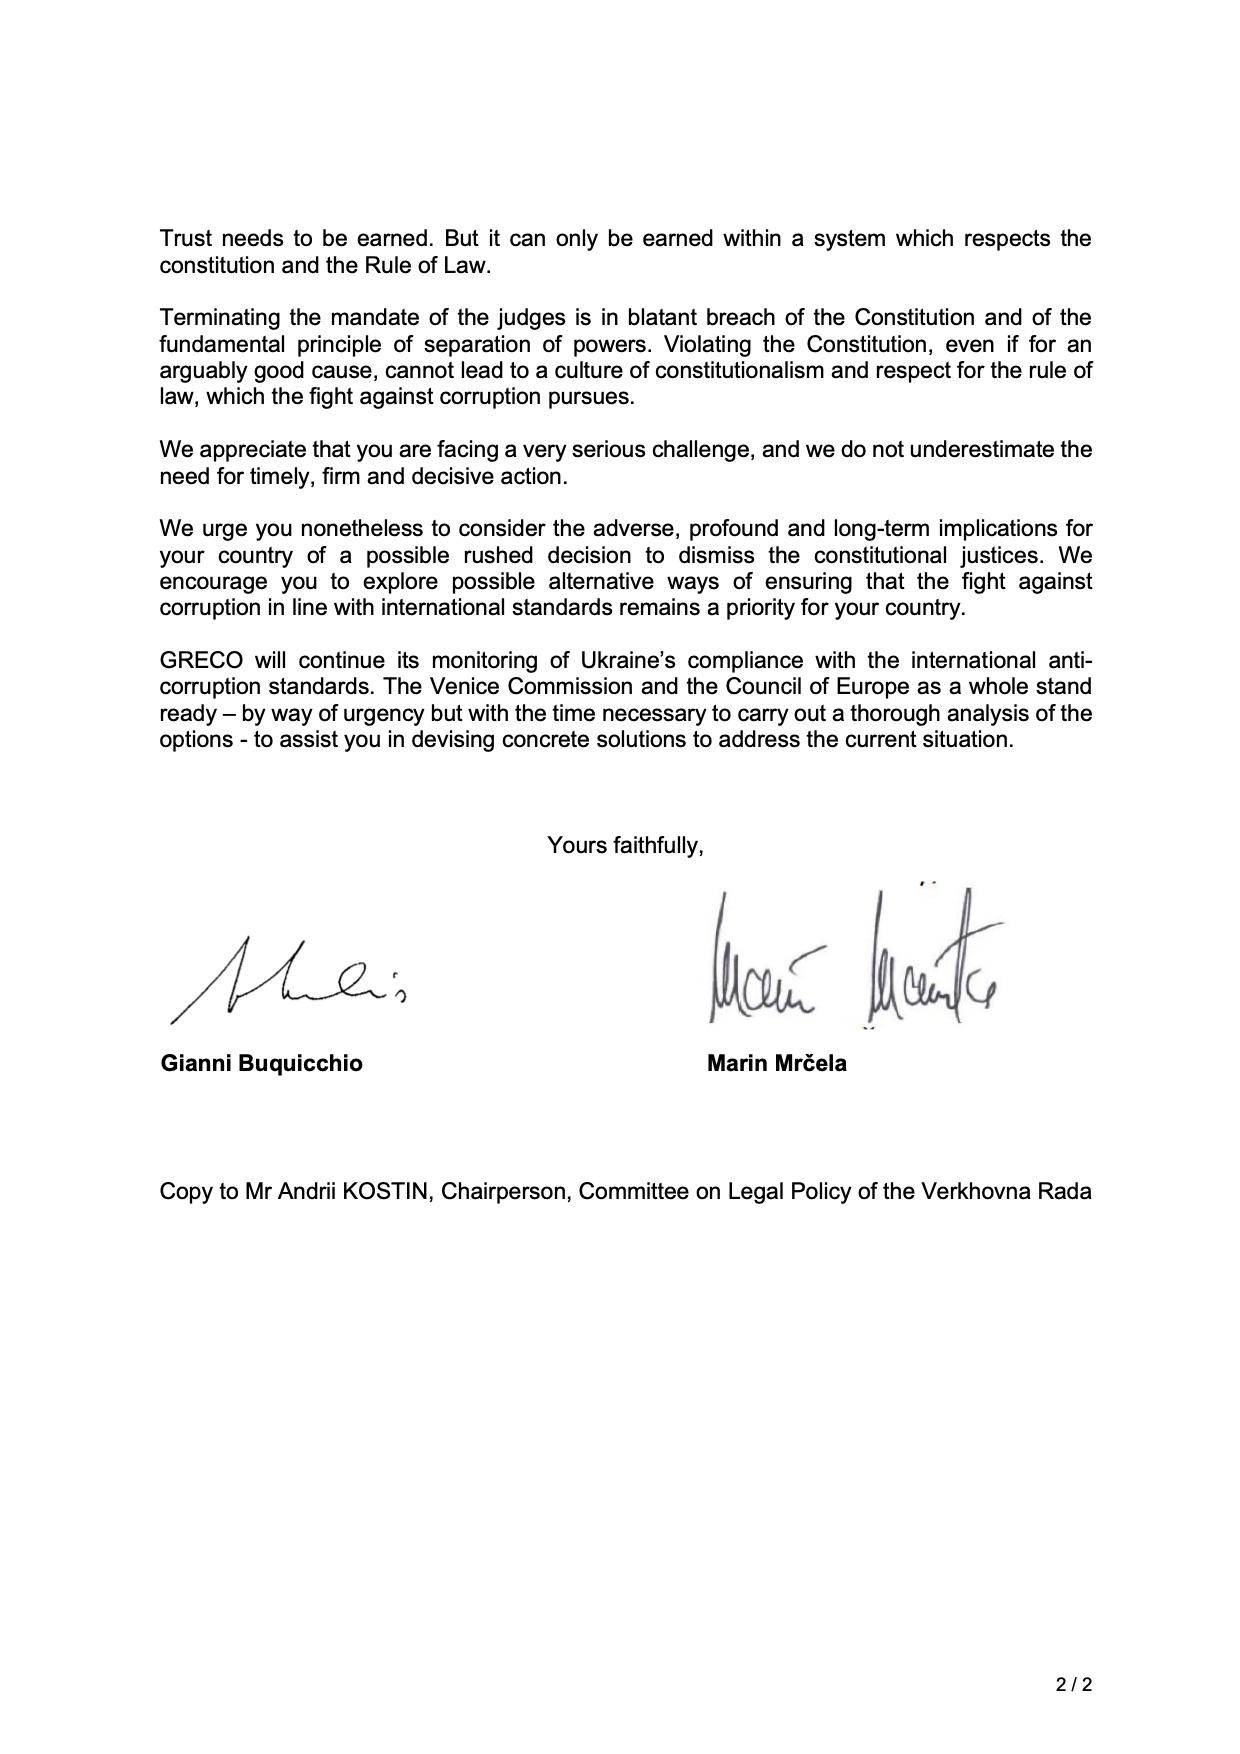 Письмо Венецианской комиссии спикеру Верховной Рады